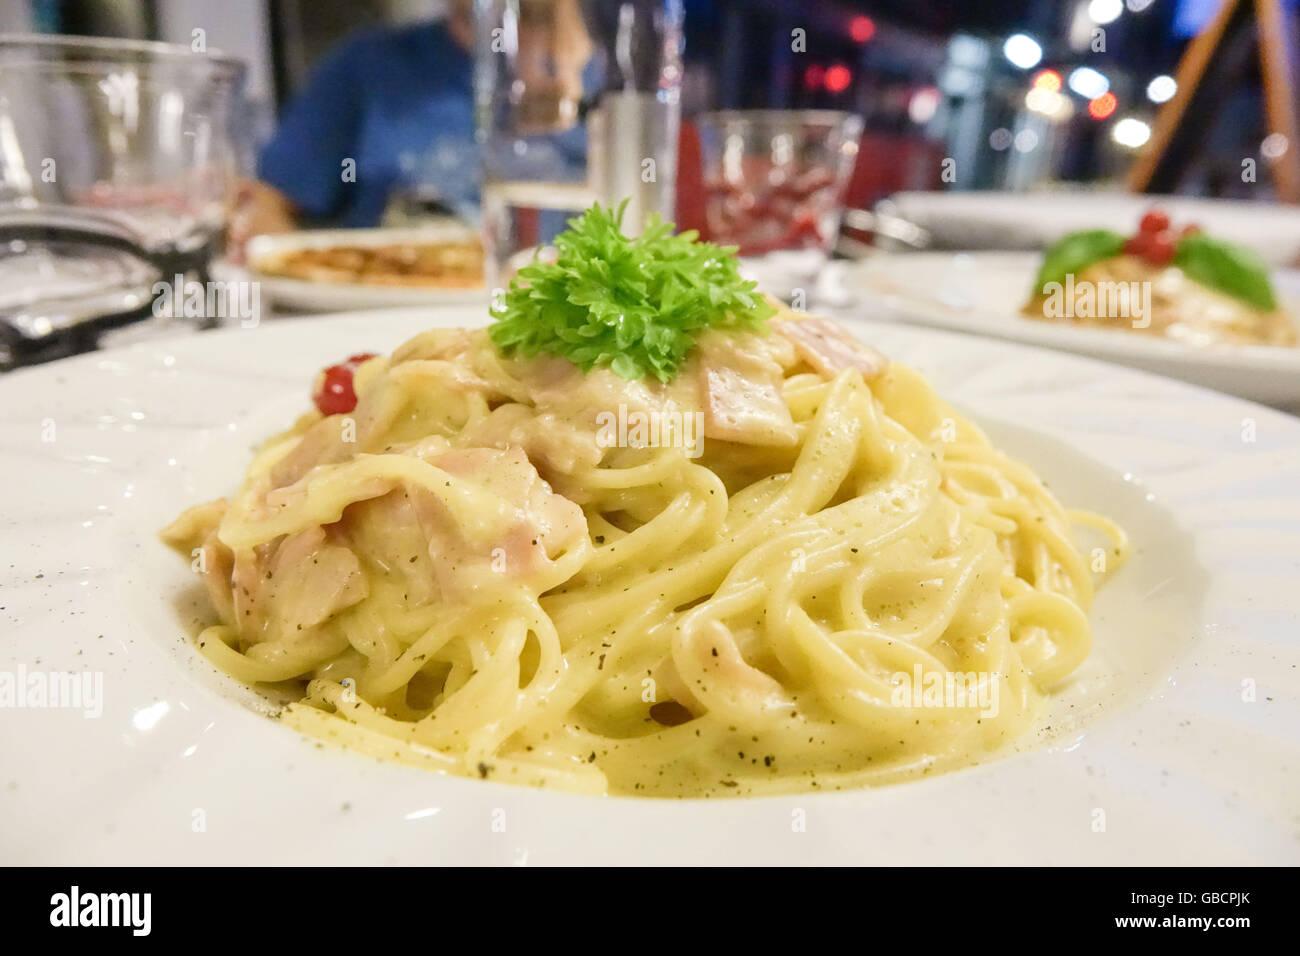 Los Espaguetis Carbonara - comida italiana en una pizzería Imagen De Stock